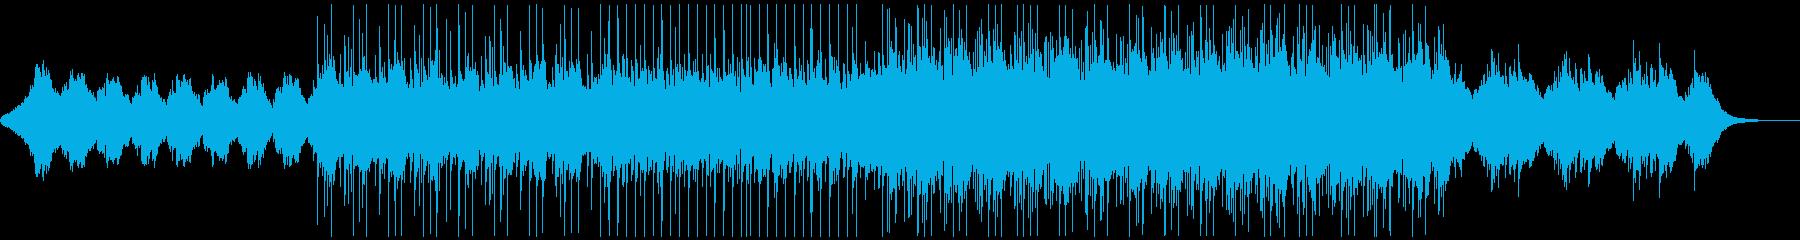 キラキラな透明感 Sの再生済みの波形